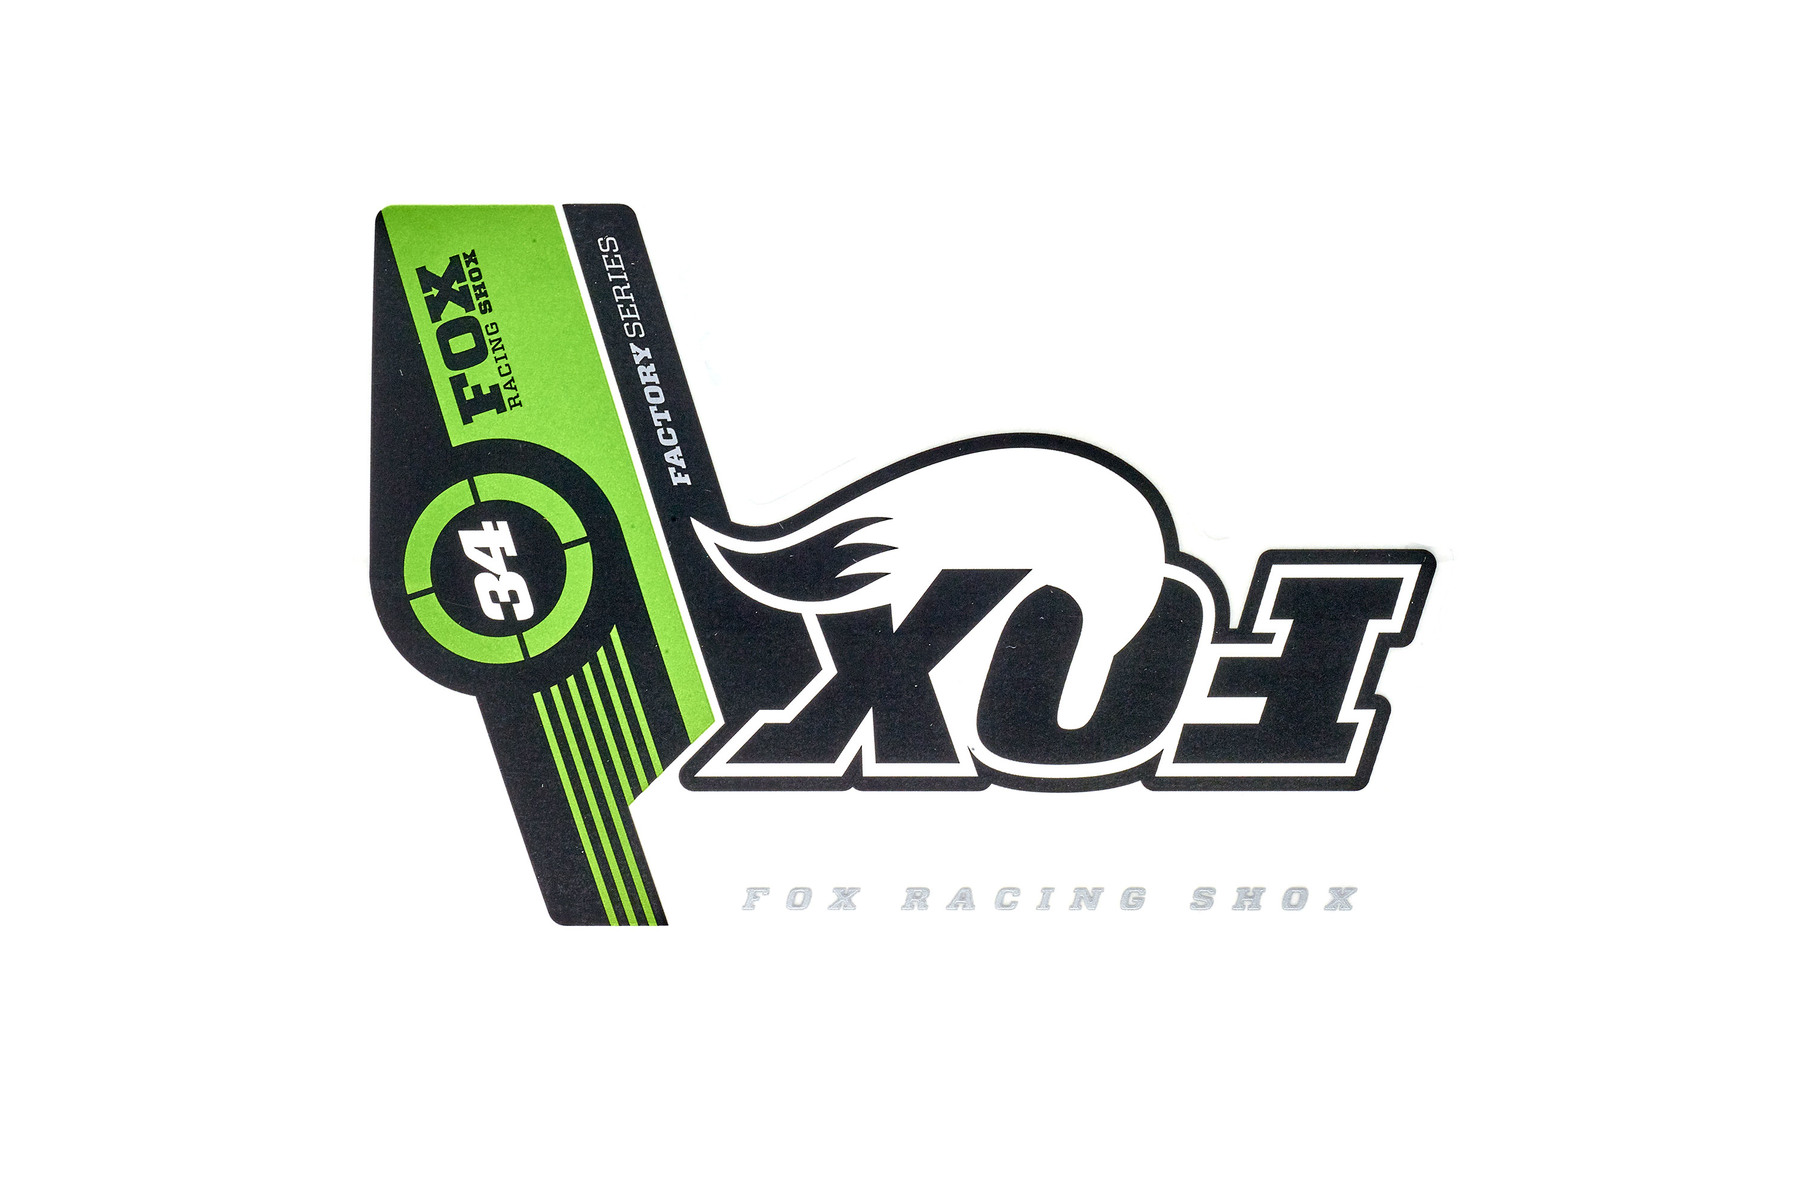 Fox Factory Series Aufkleber / Decals/ Sticker für 34er Gabeln